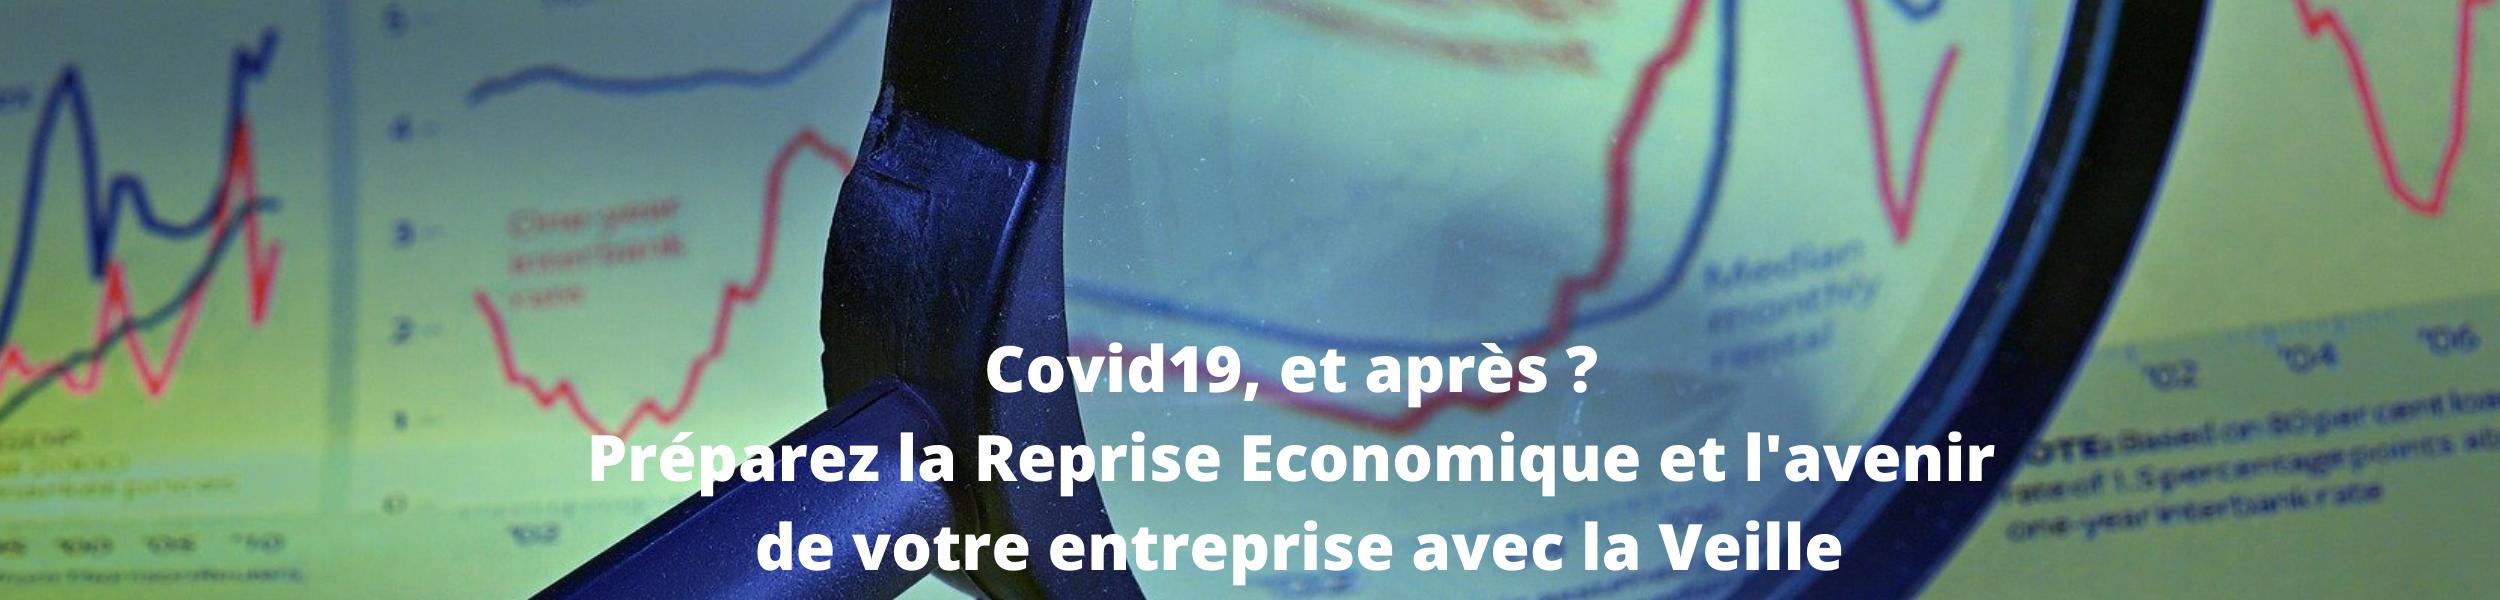 reprise économique : préparez l'avenir de votre entreprise grâce à la veille